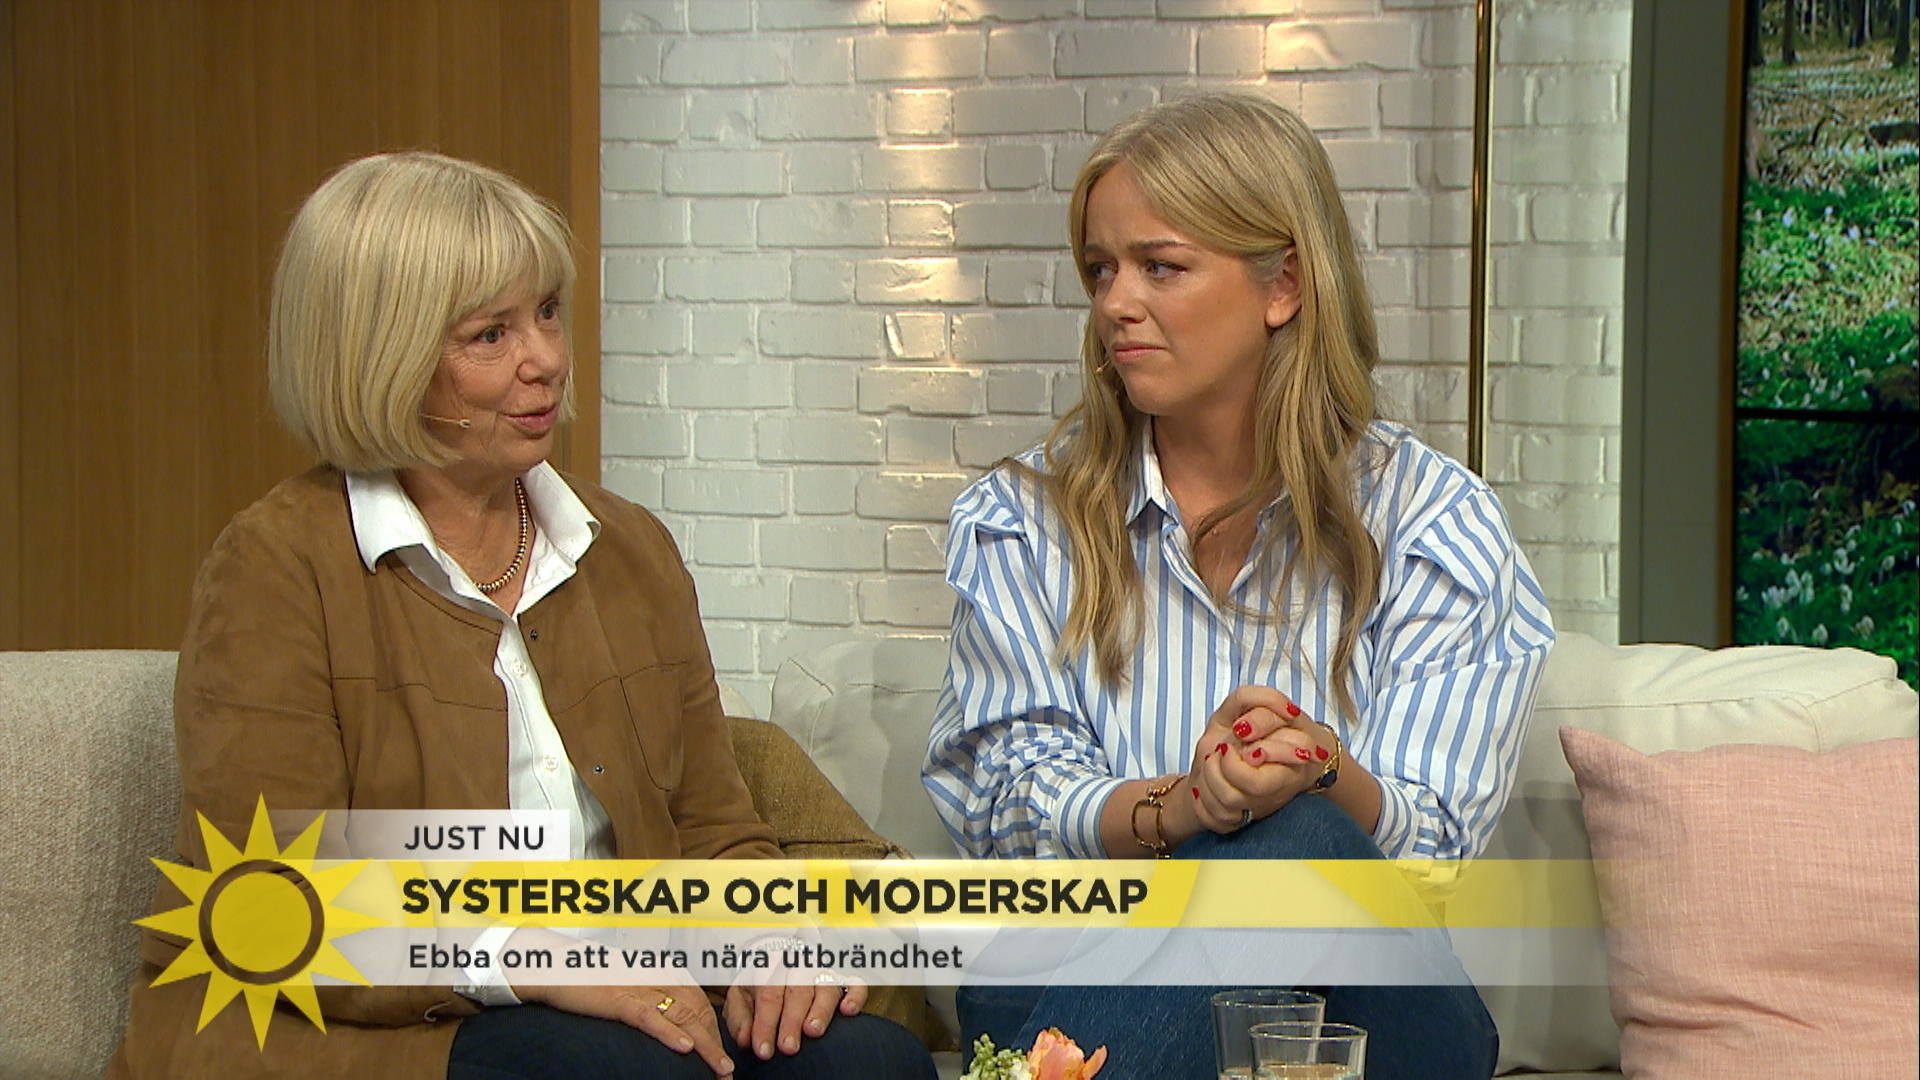 """549216f0d0dd Ebba von Sydow var nära utbrändhet: """"Det tog bara stopp"""" - Nyhetsmorgon -"""